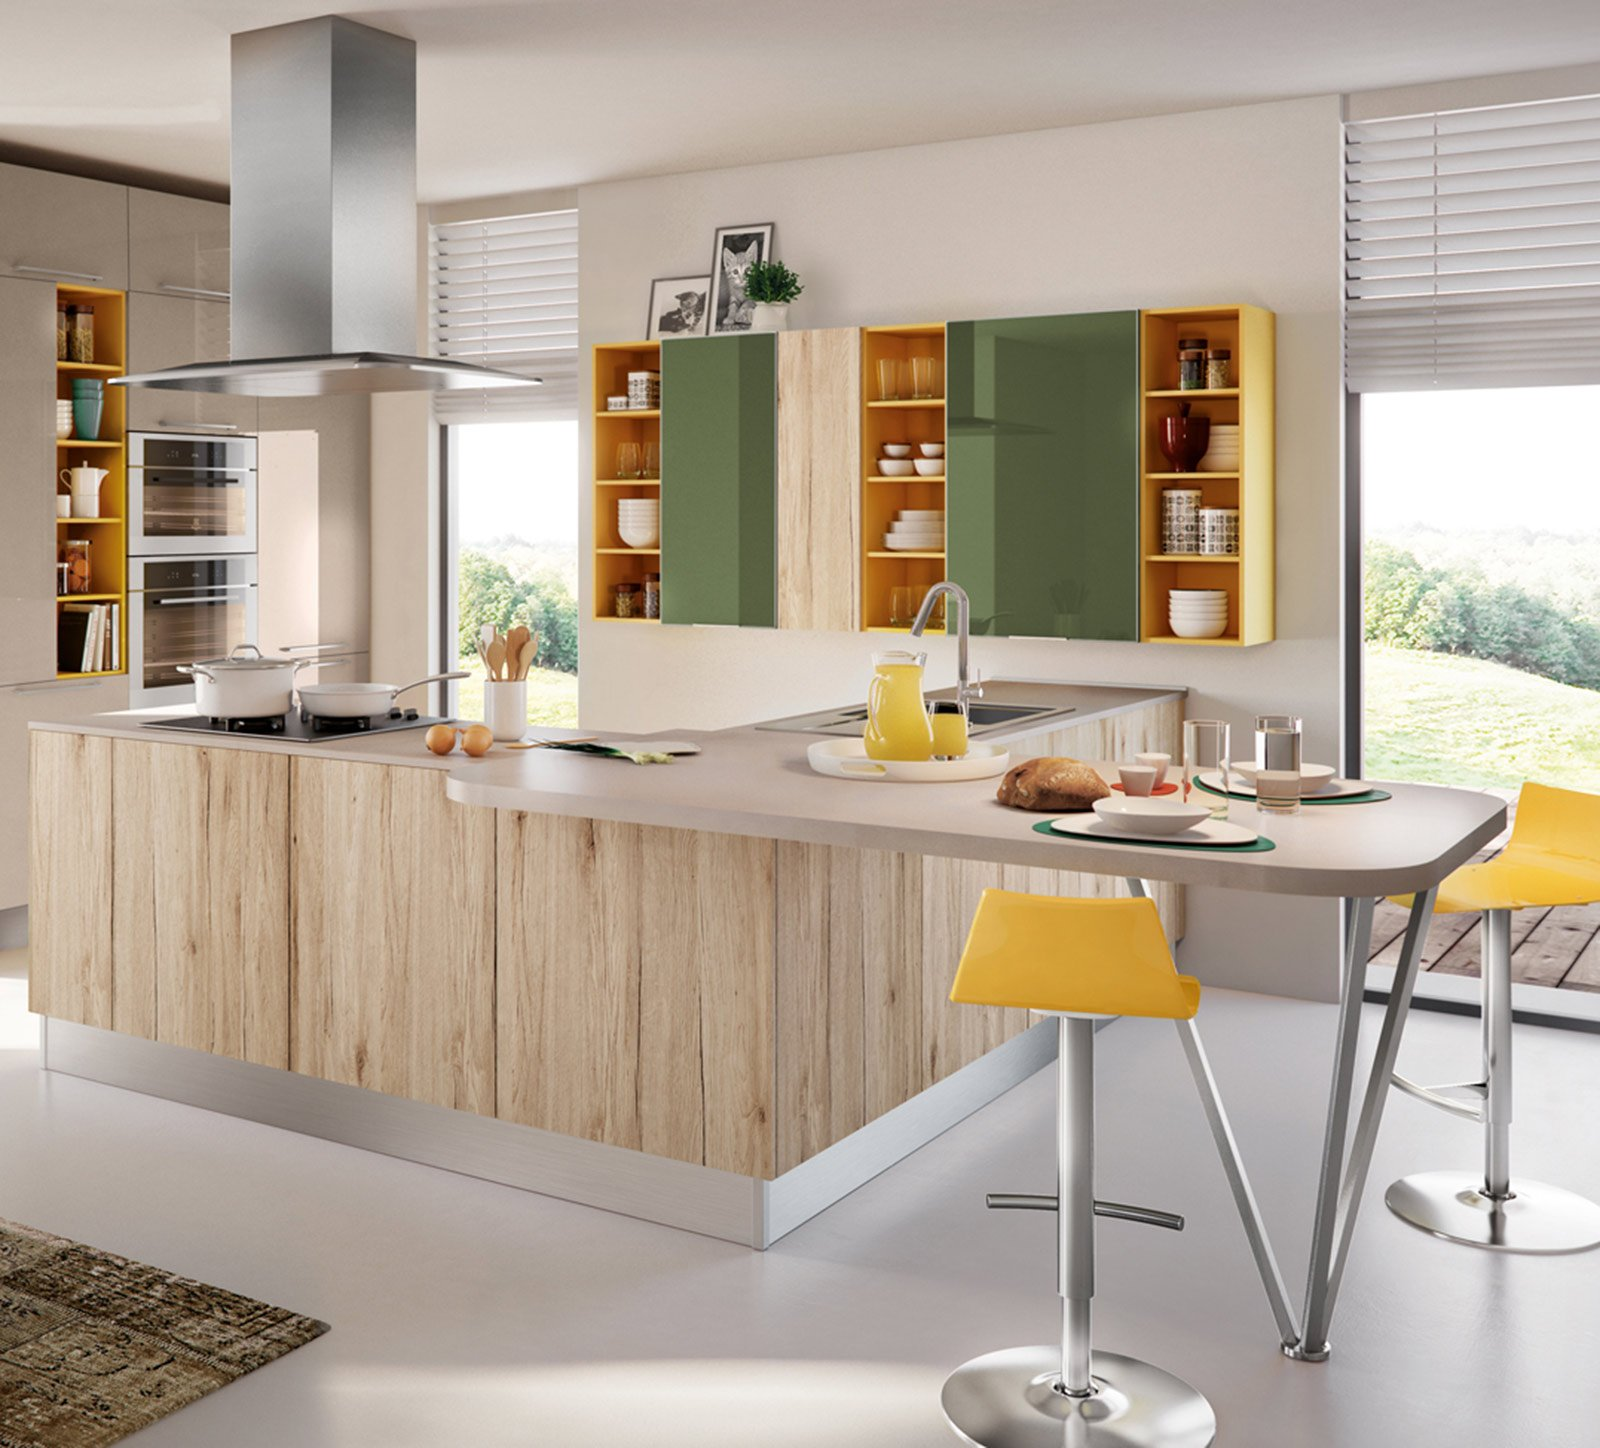 Il Nuovissimo Modello Swing Di Cucine Lube è Un Prodotto Moderno E Di  #B38718 1600 1448 Foto Di Cucine Bianche